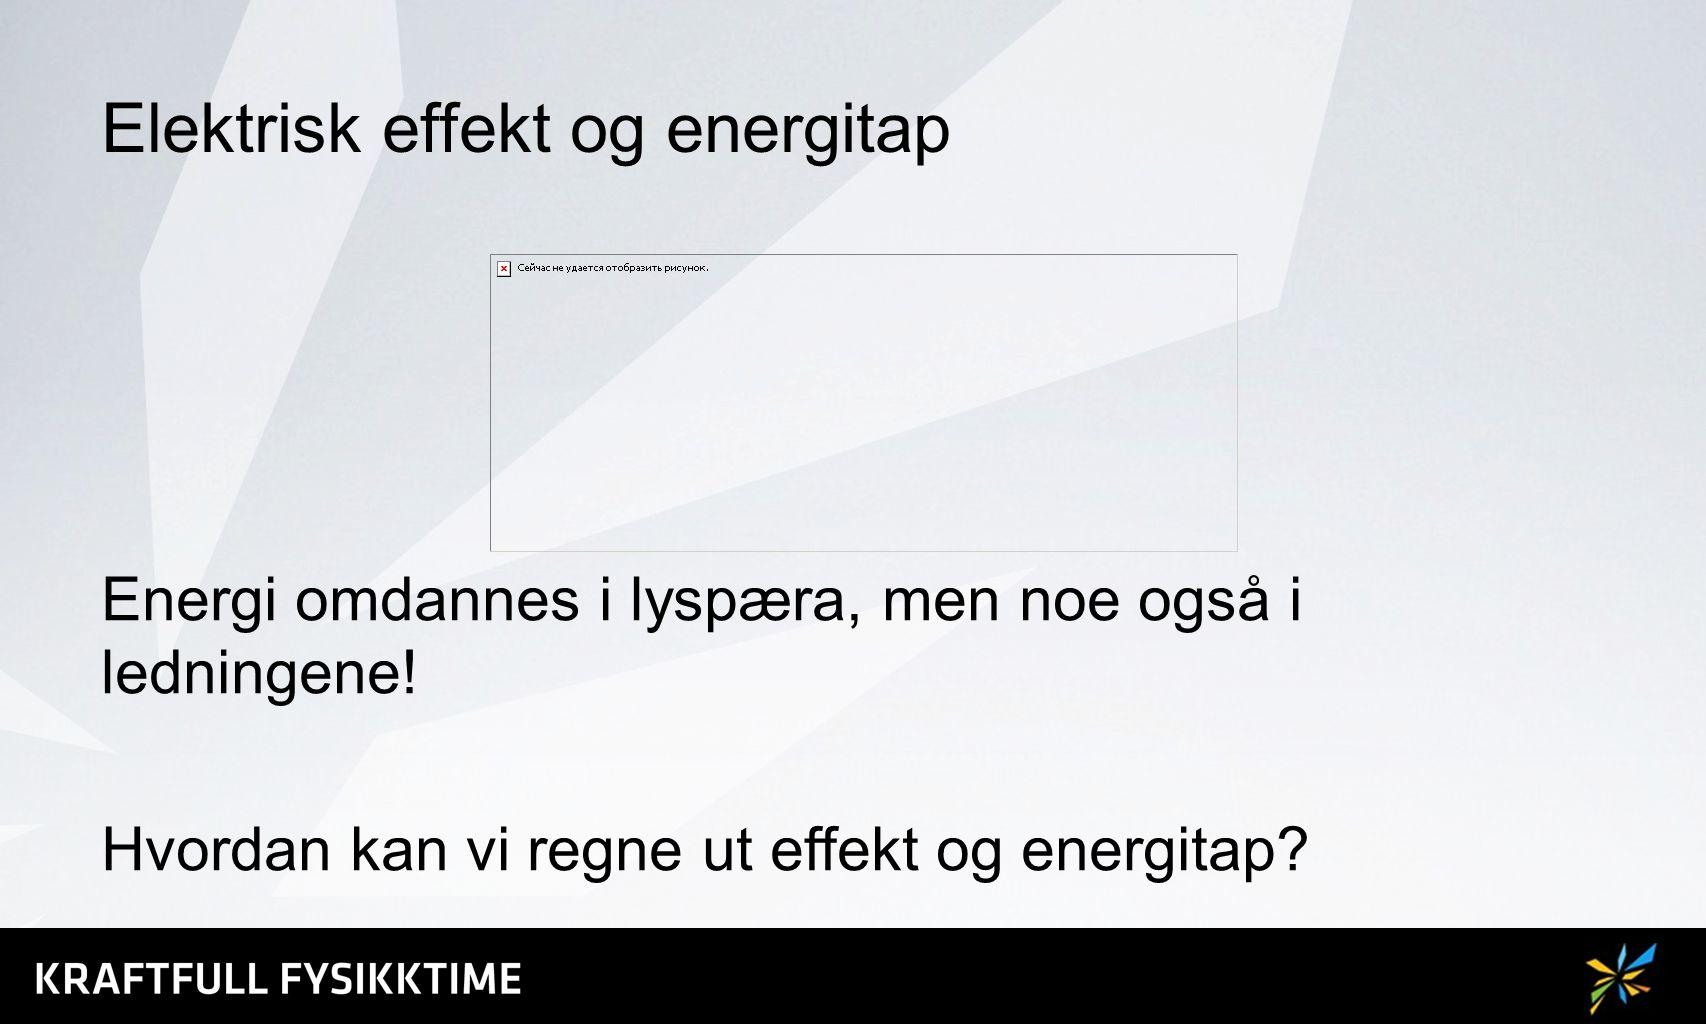 Elektrisk effekt og energitap Energi omdannes i lyspæra, men noe også i ledningene! Hvordan kan vi regne ut effekt og energitap?